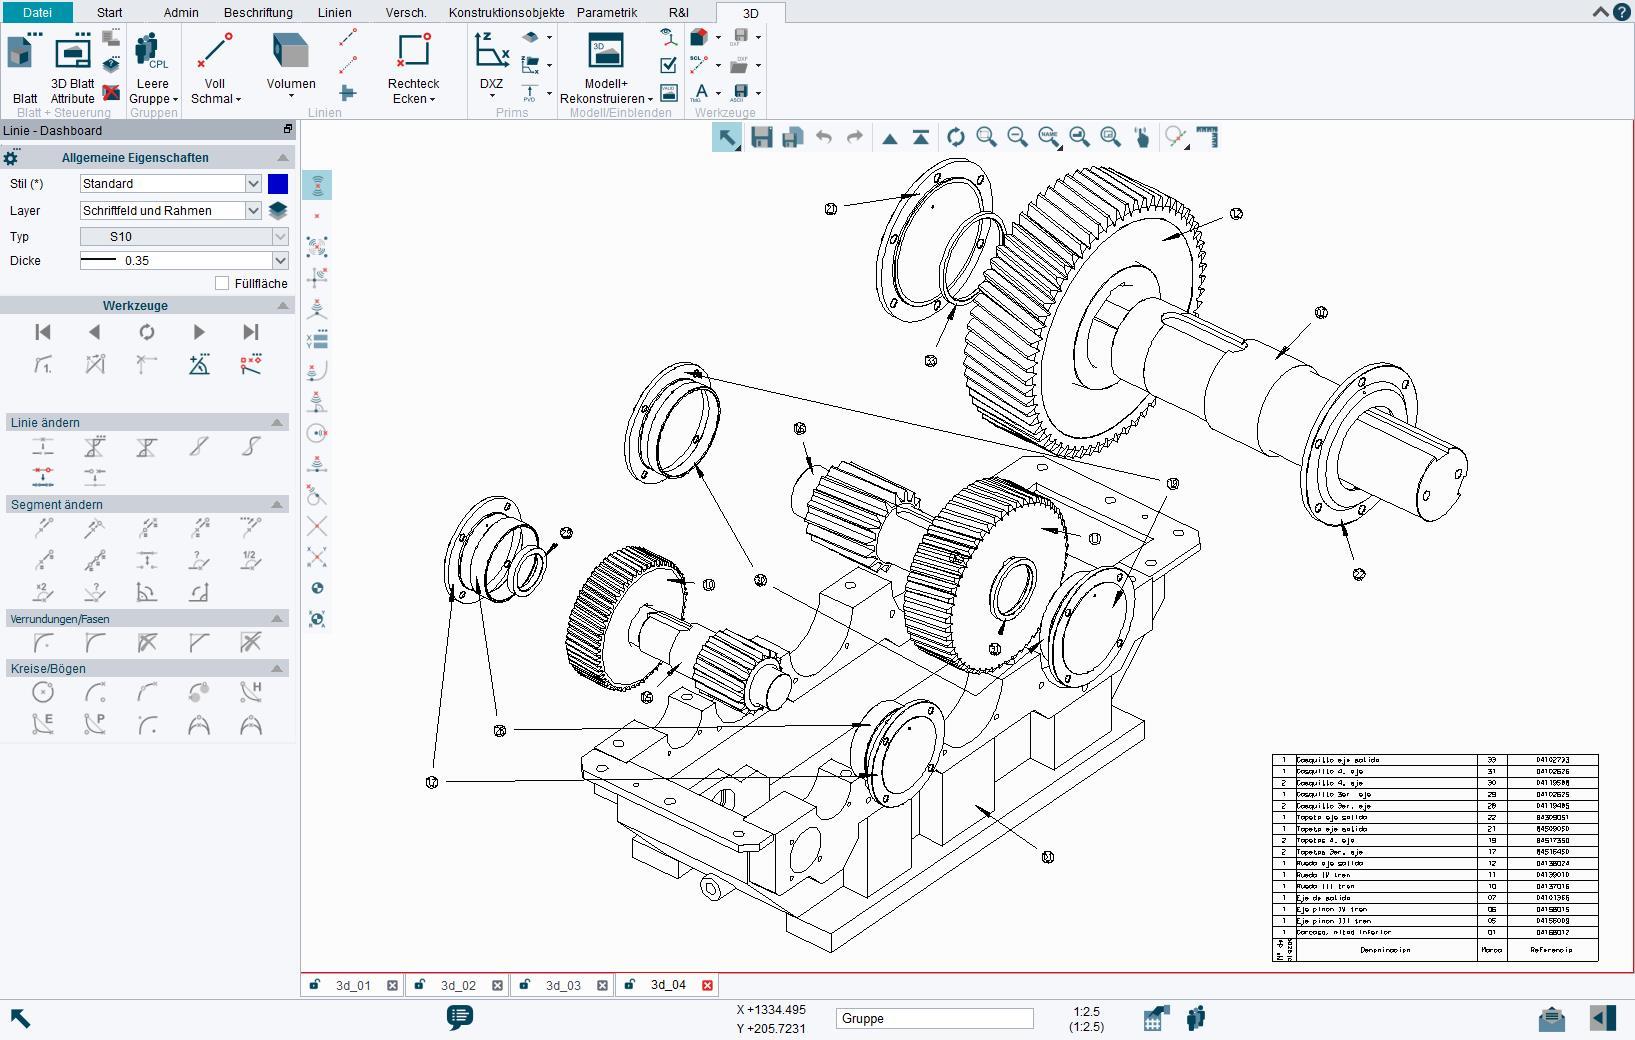 3D Modelle lassen sich in 3D schnell und einfach direkt aus mehreren 2D-Ansichten modellieren.